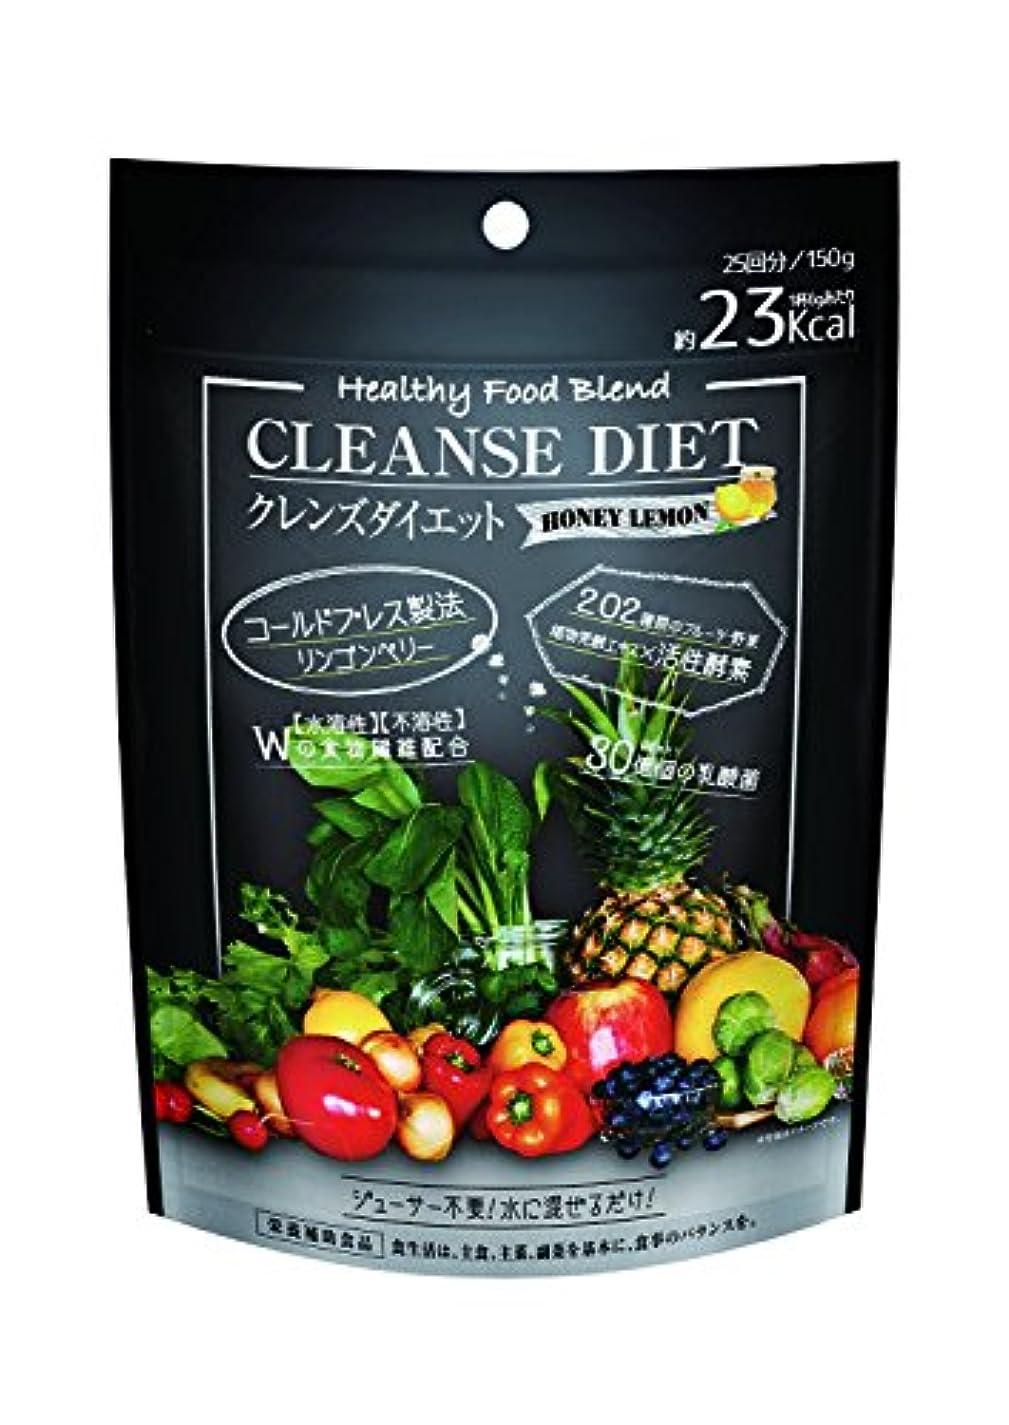 冷ややかなタイマー洗剤リブ?ラボラトリーズ クレンズ ダイエット ハニーレモン 150g (約25回分)×2